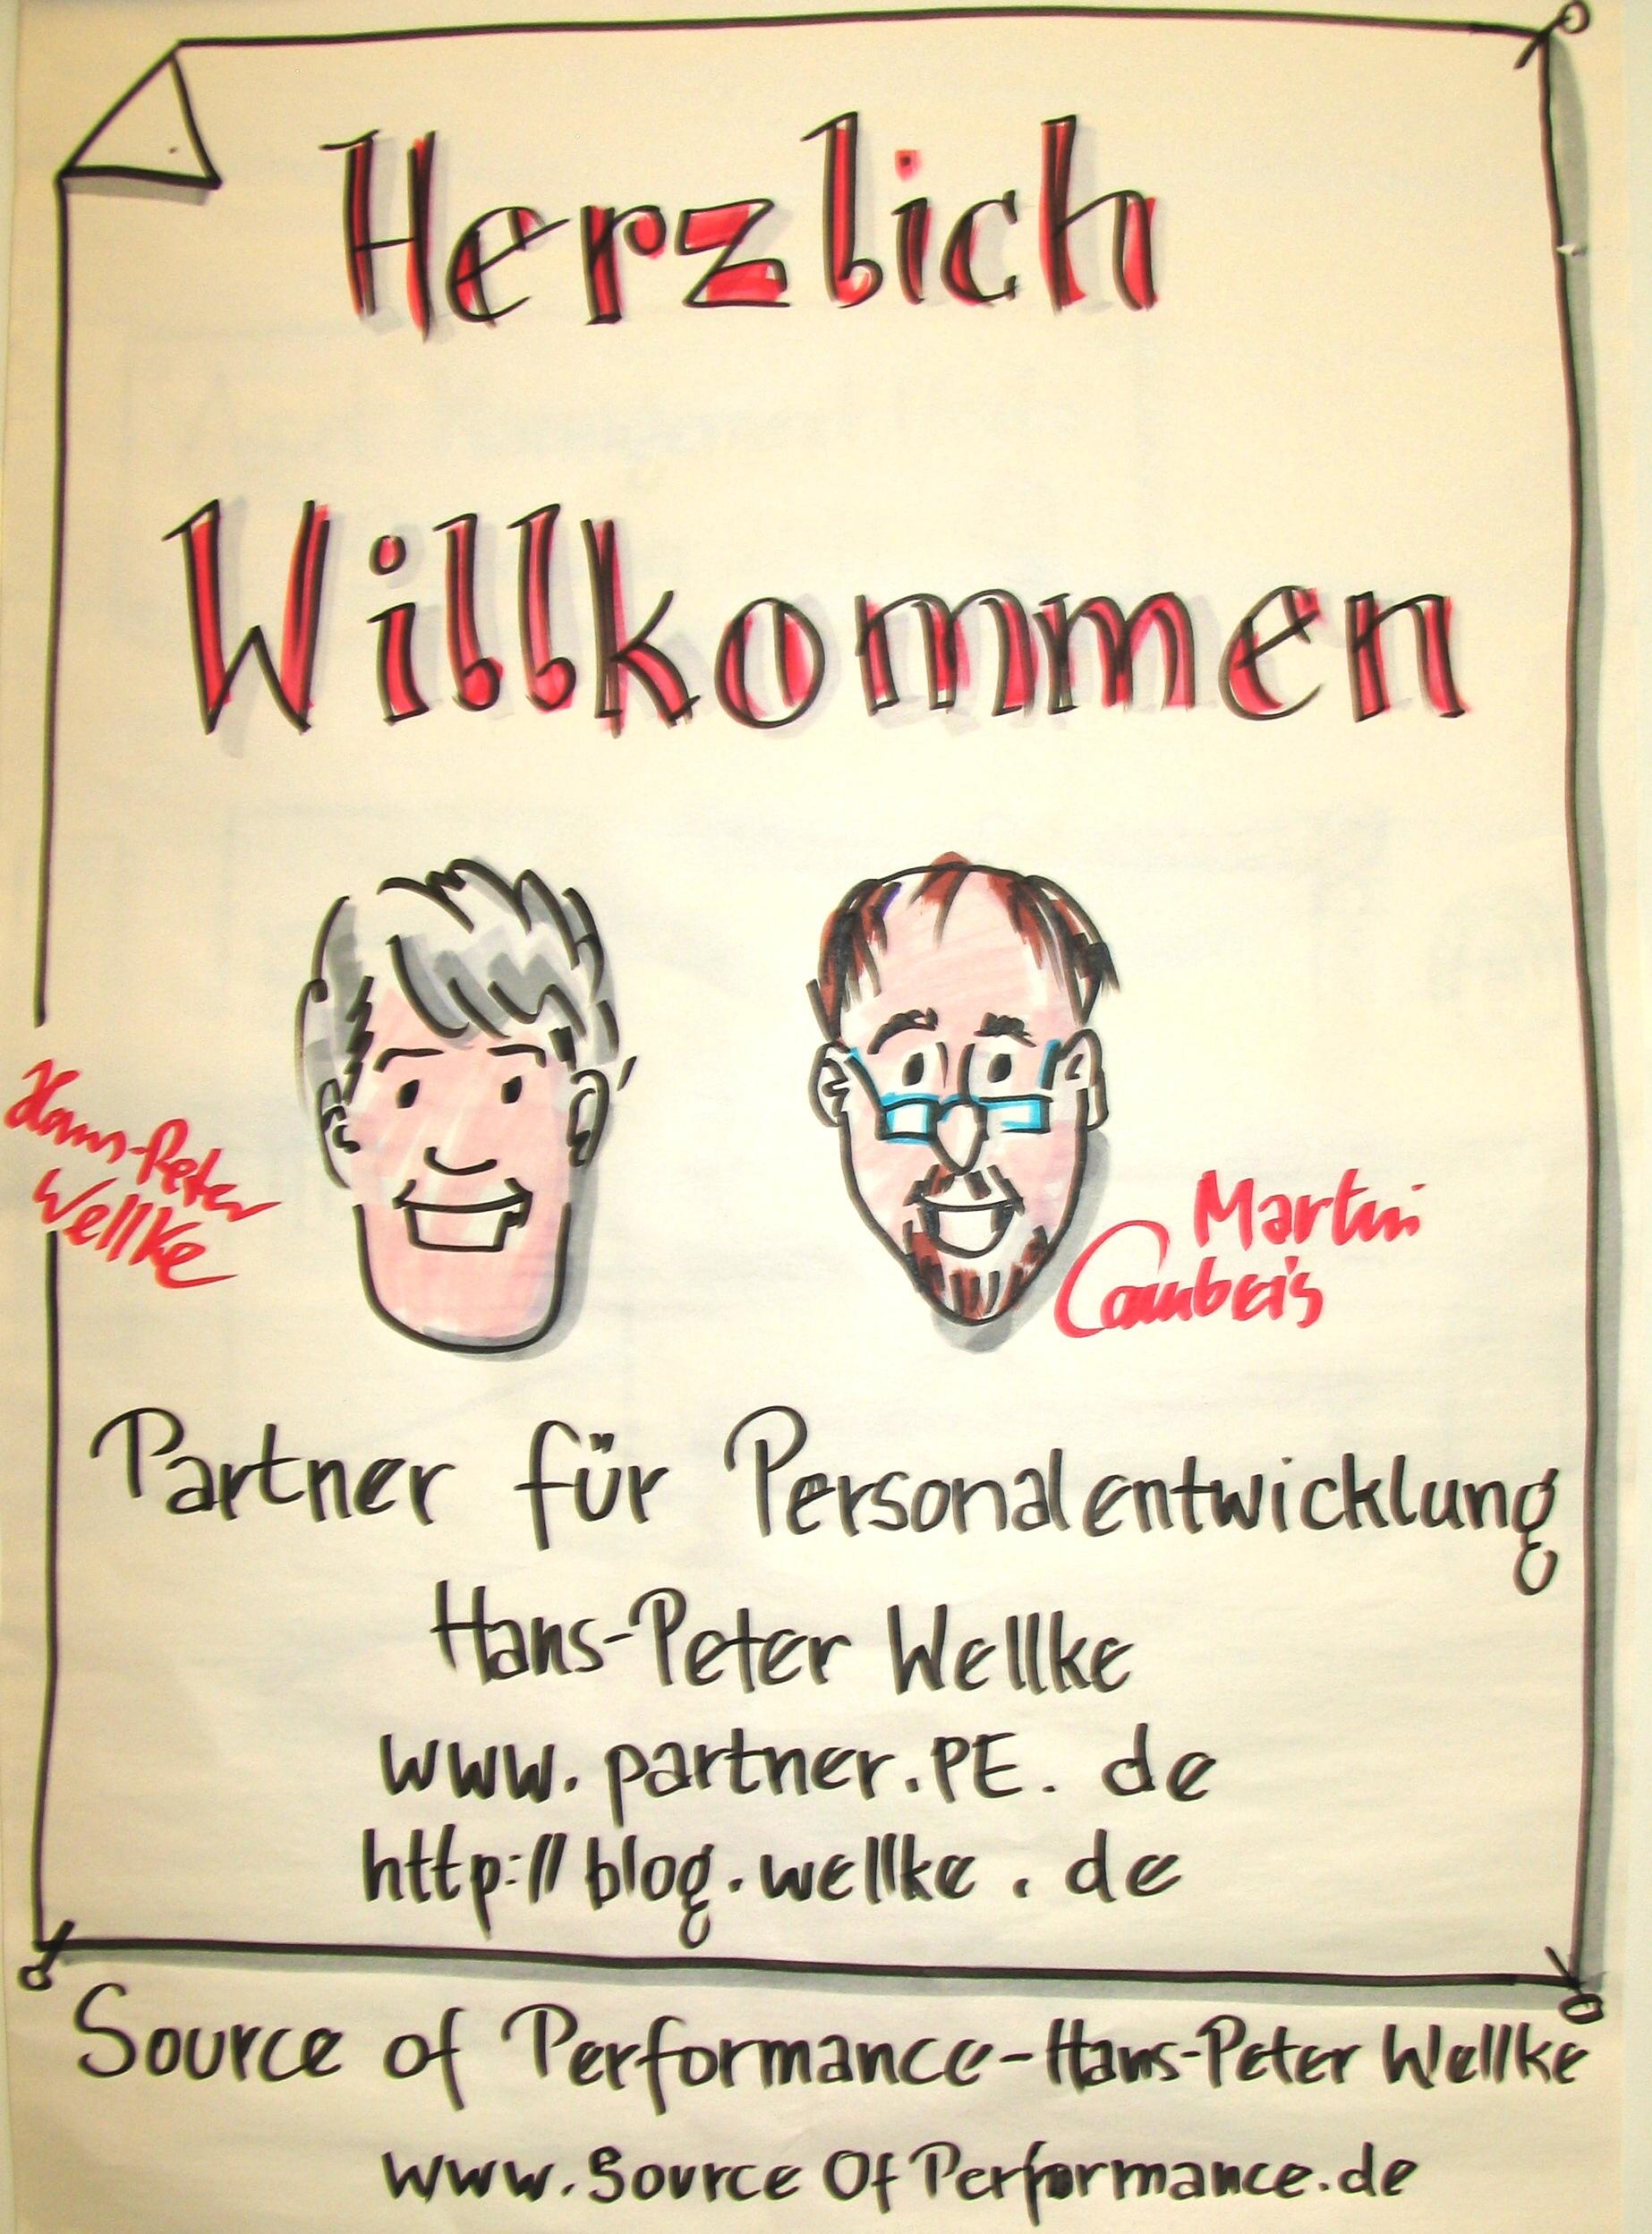 Martin Campeis und Hans-Peter Wellke_Workshopmoderation mit Cartoonist